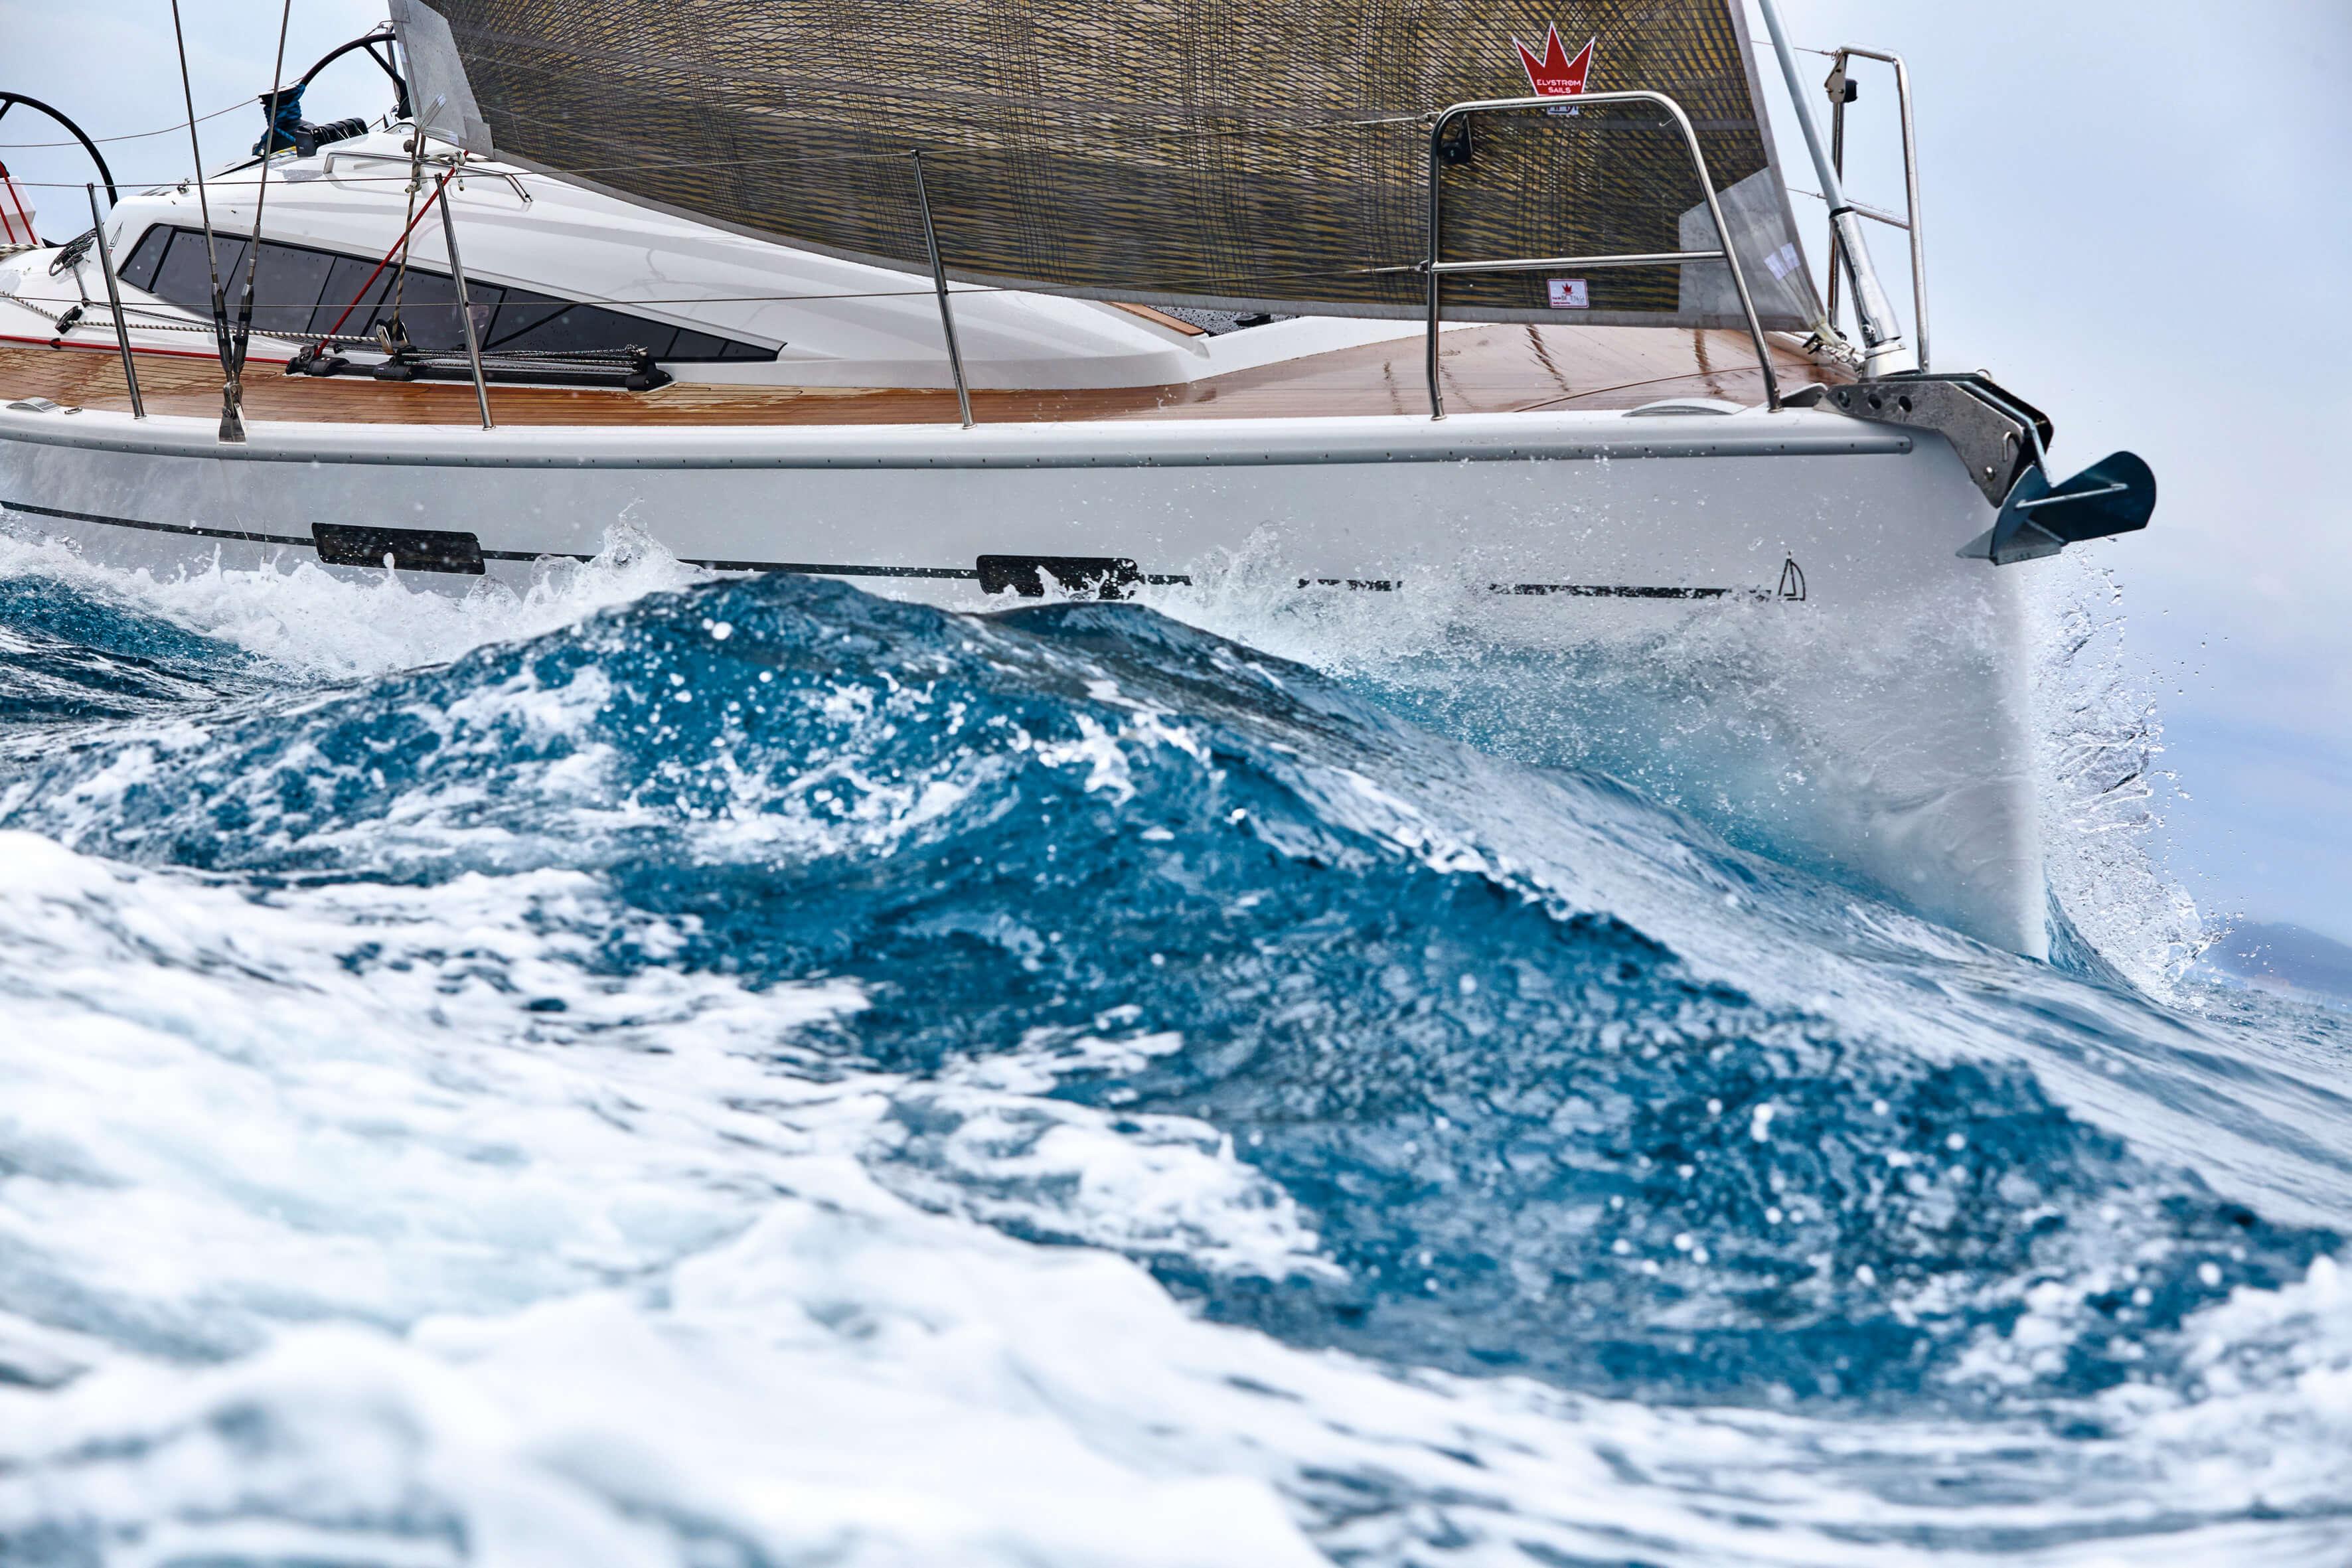 Dehler 42 Exterior Sailing | Dehler 42_Segeln_28_0516_887.jpg | Dehler